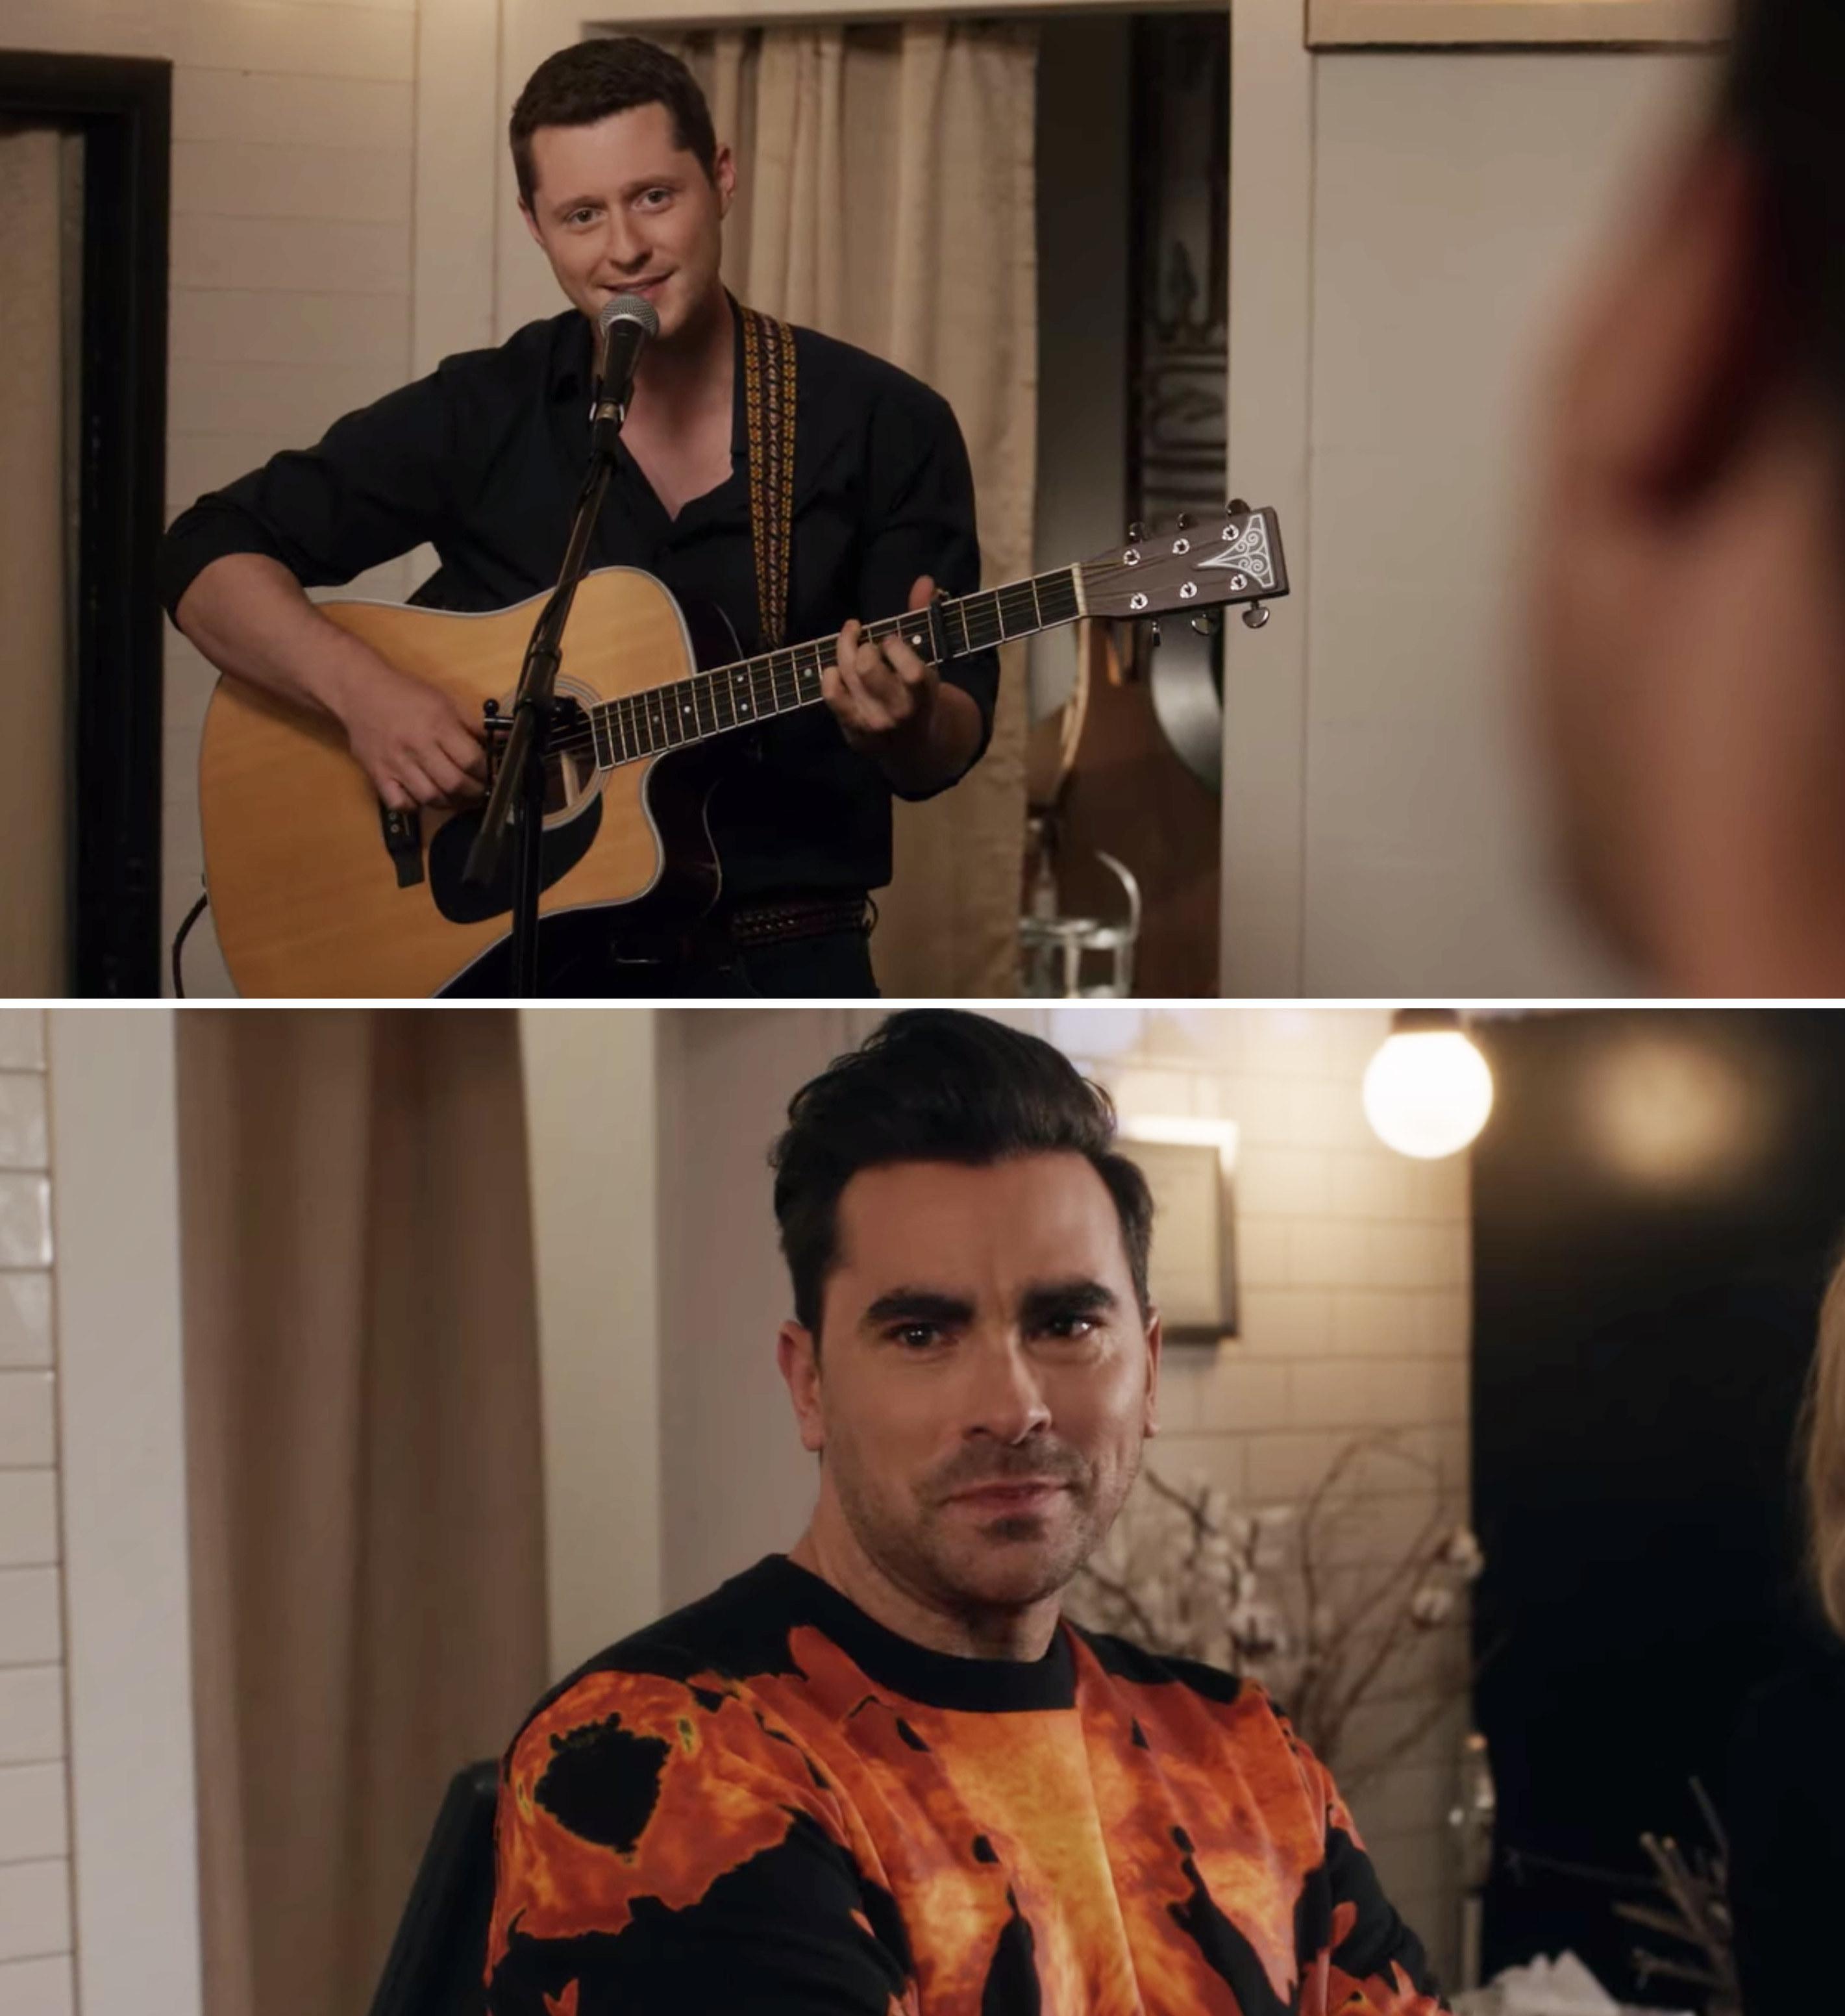 Patrick playing the guitar and David looking at him